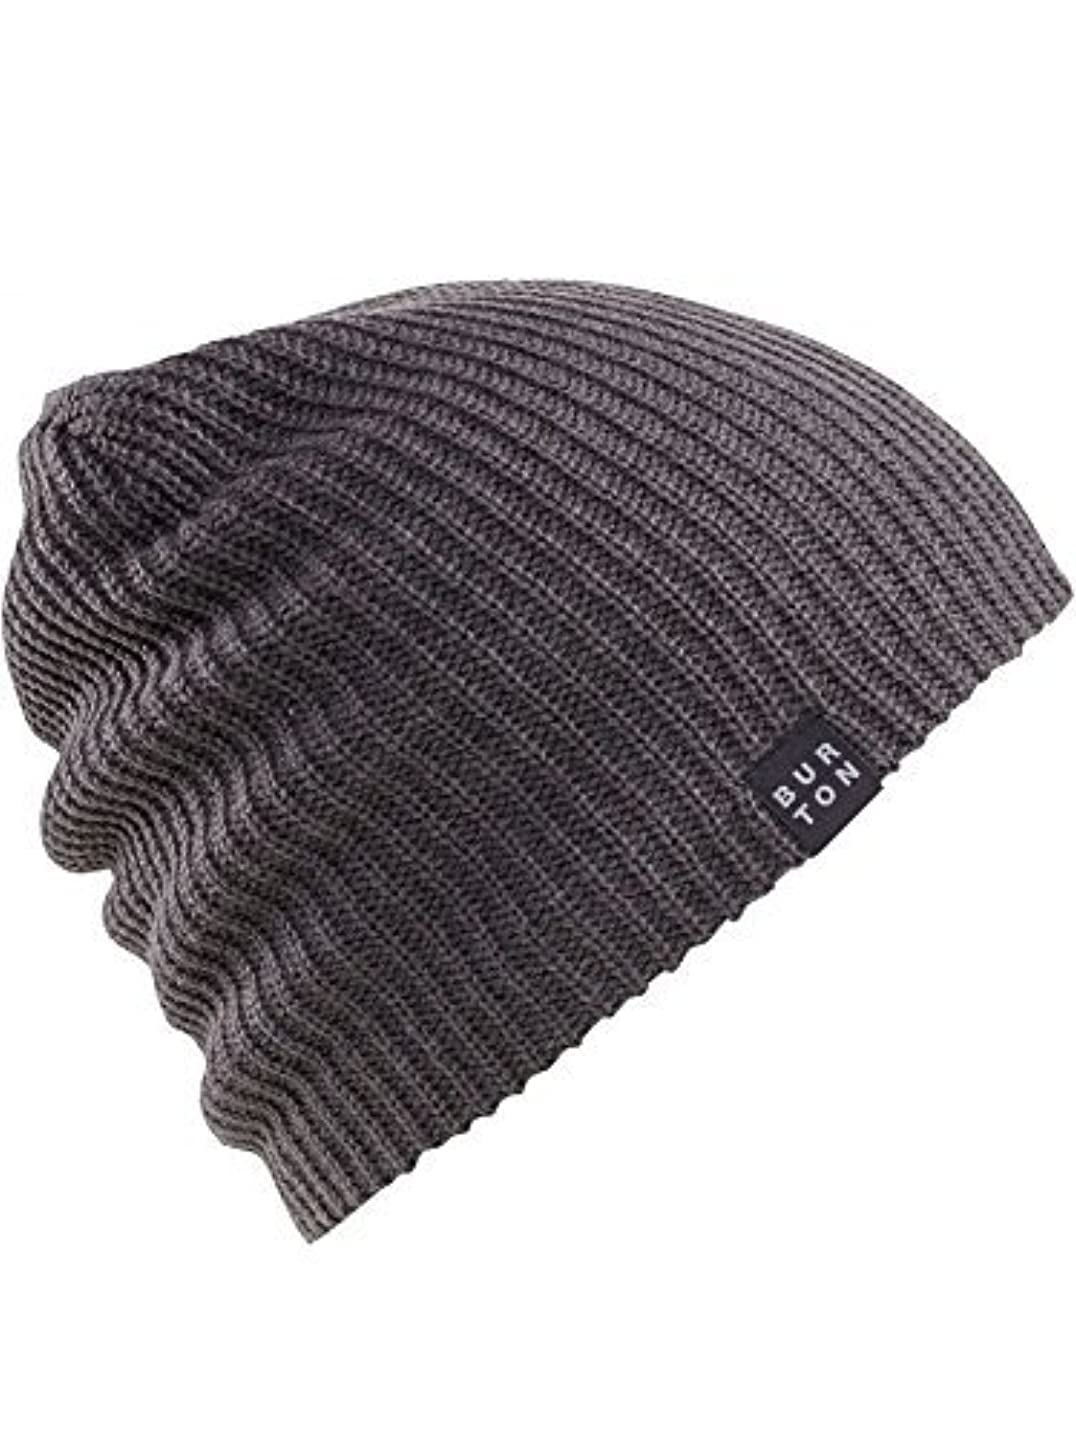 クレーン救急車負Burton(バートン) スノーボード ニット帽 メンズ ビーニー ニットキャップ ALL DAY LONG BEANIE 2018-19年モデル 1SZ FITALL